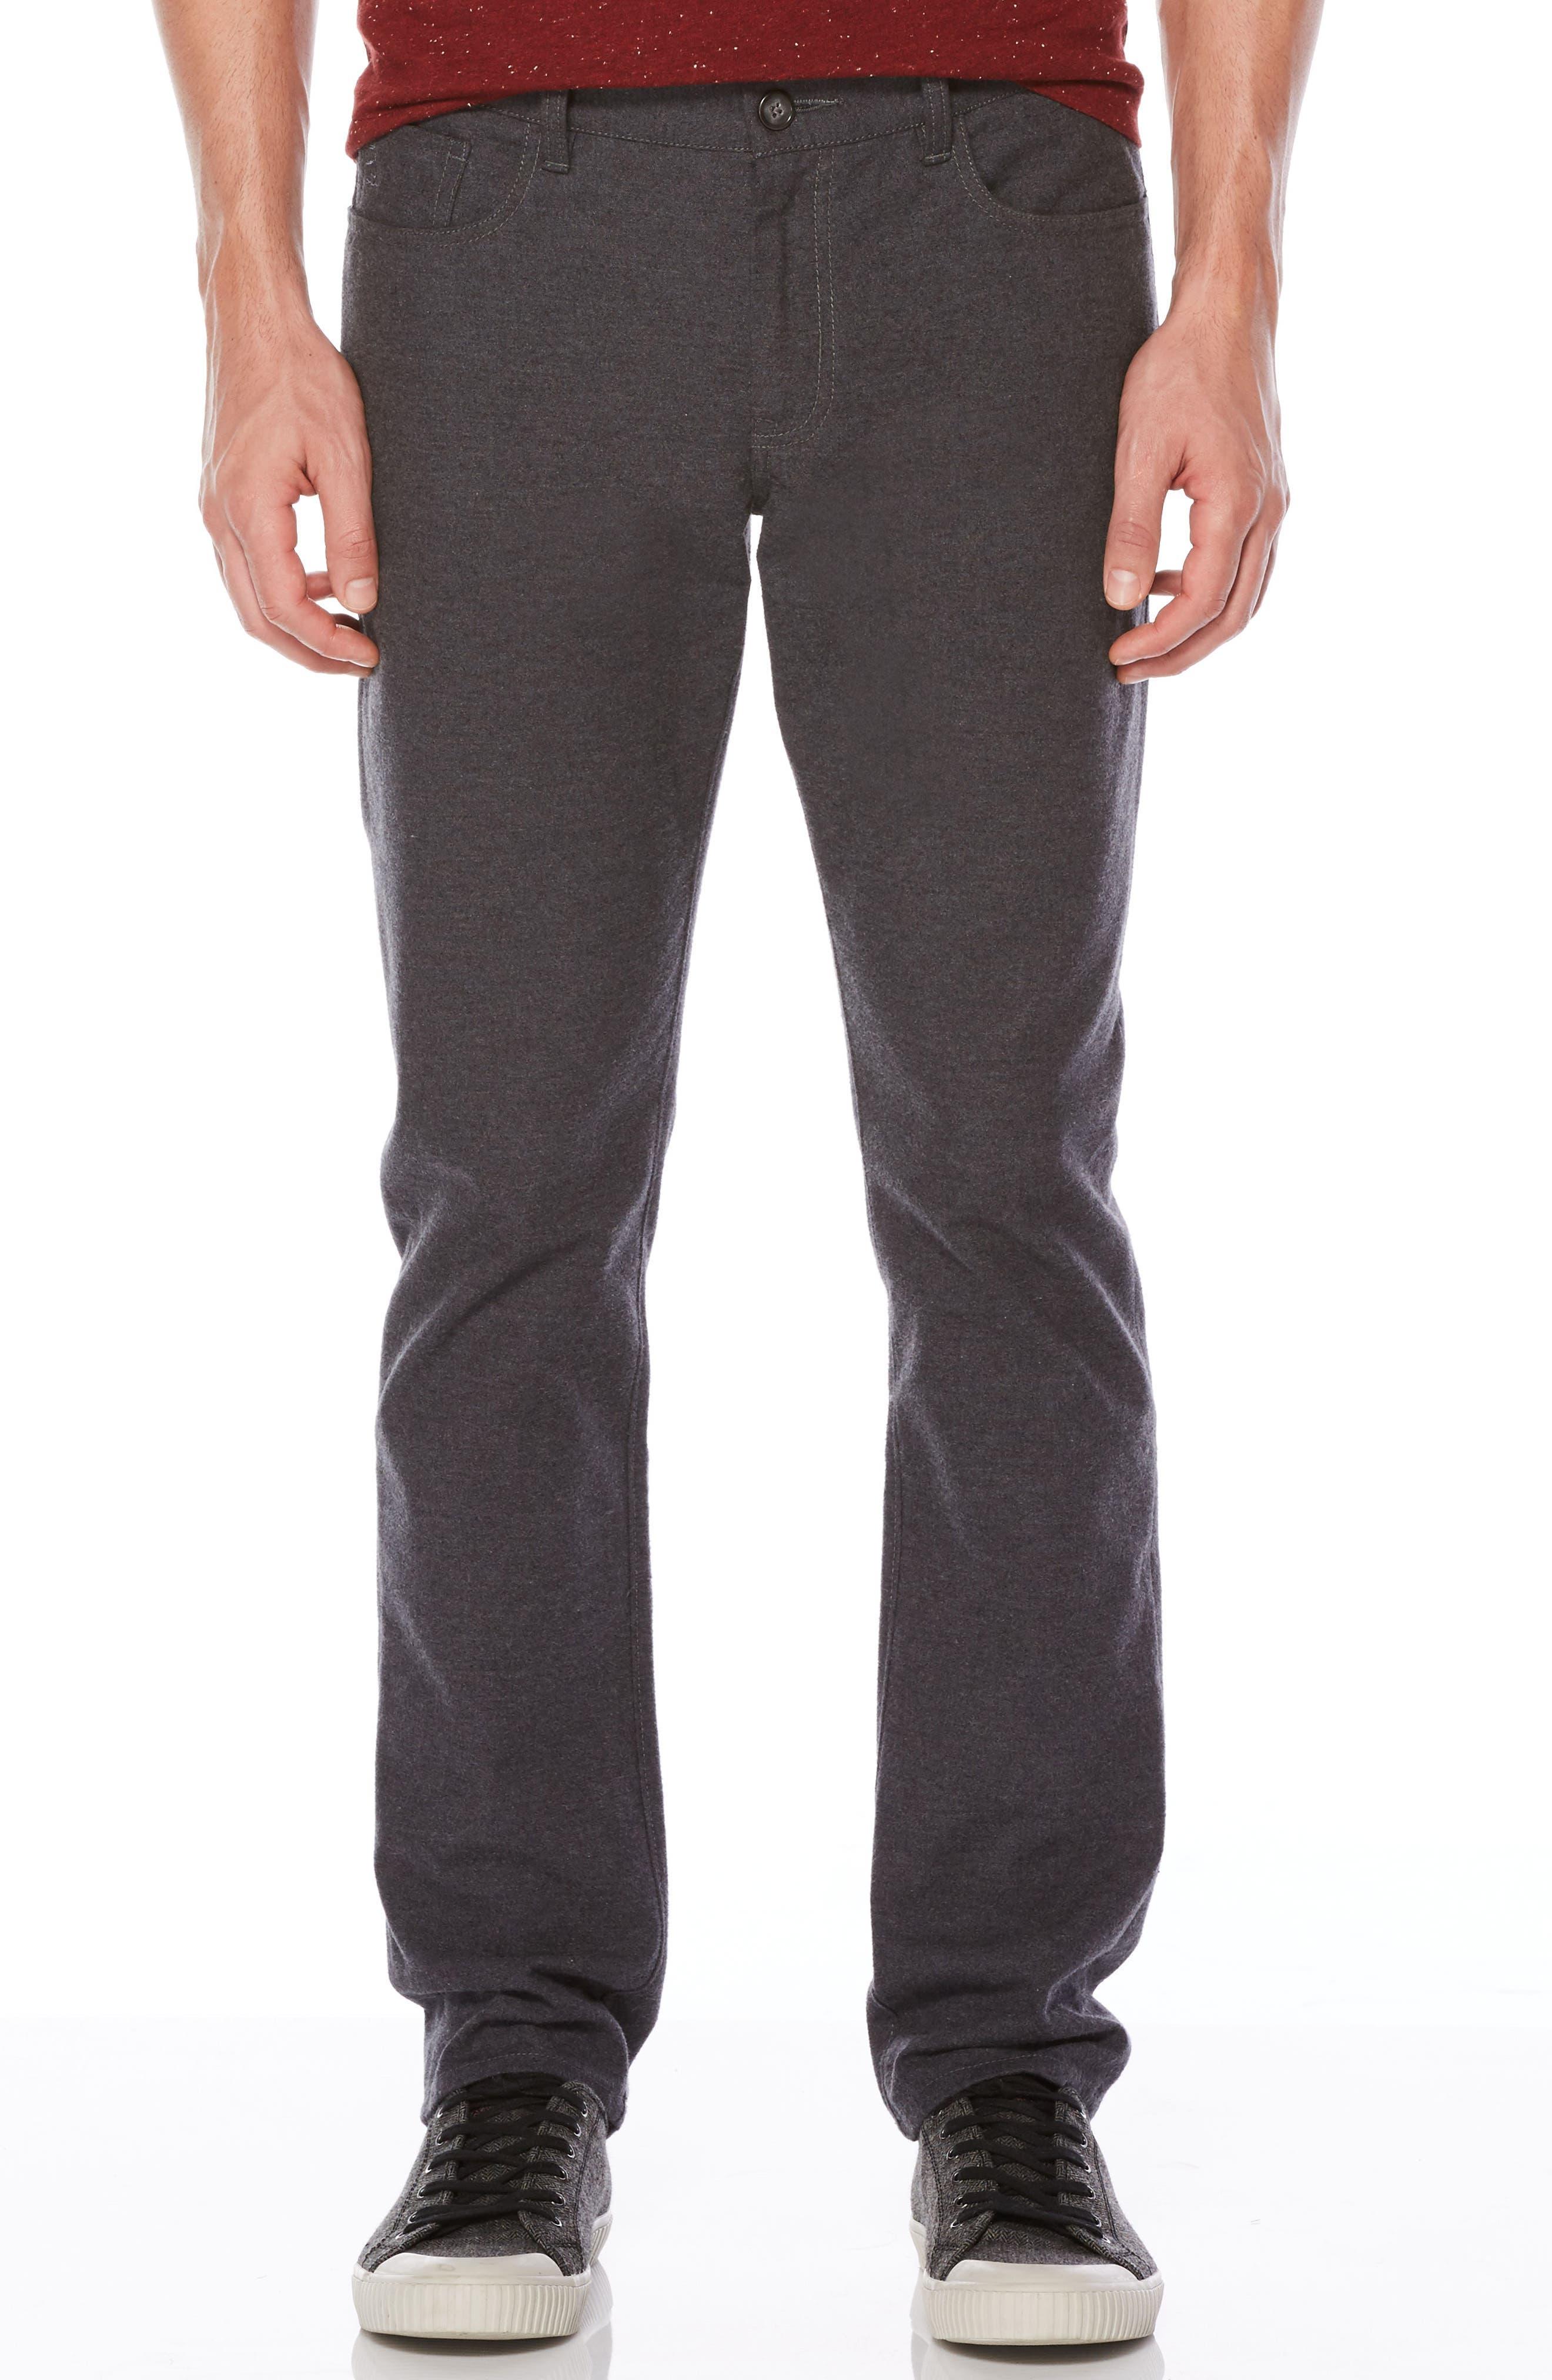 P55 Slim Fit Brushed Cotton Pants,                             Main thumbnail 1, color,                             Castlerock